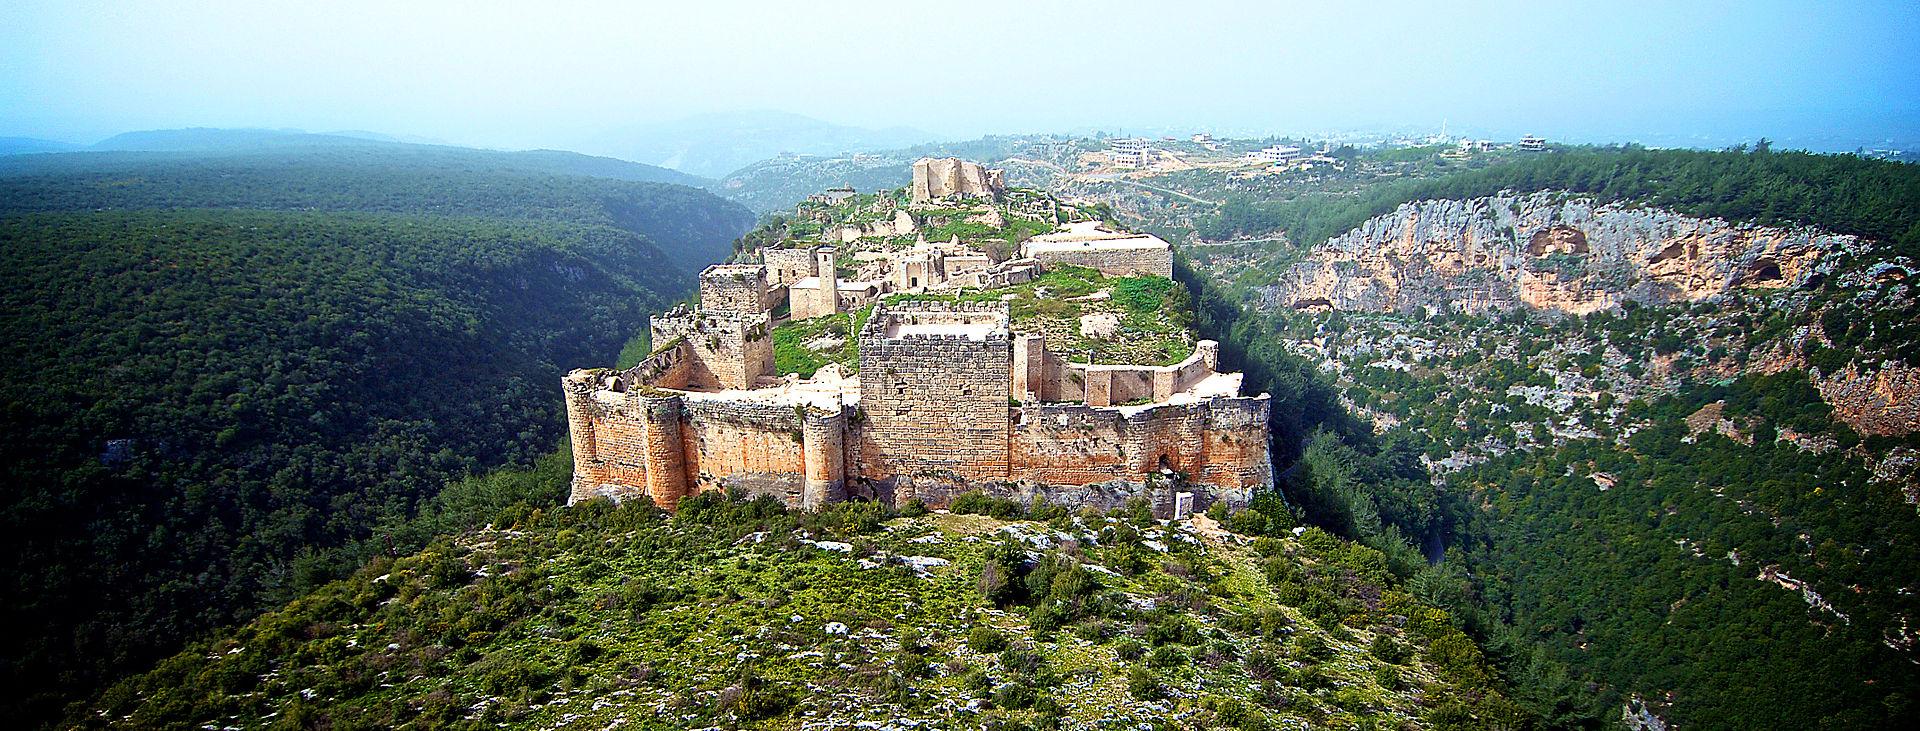 Citadel_of_Salah_Ed-din.jpg